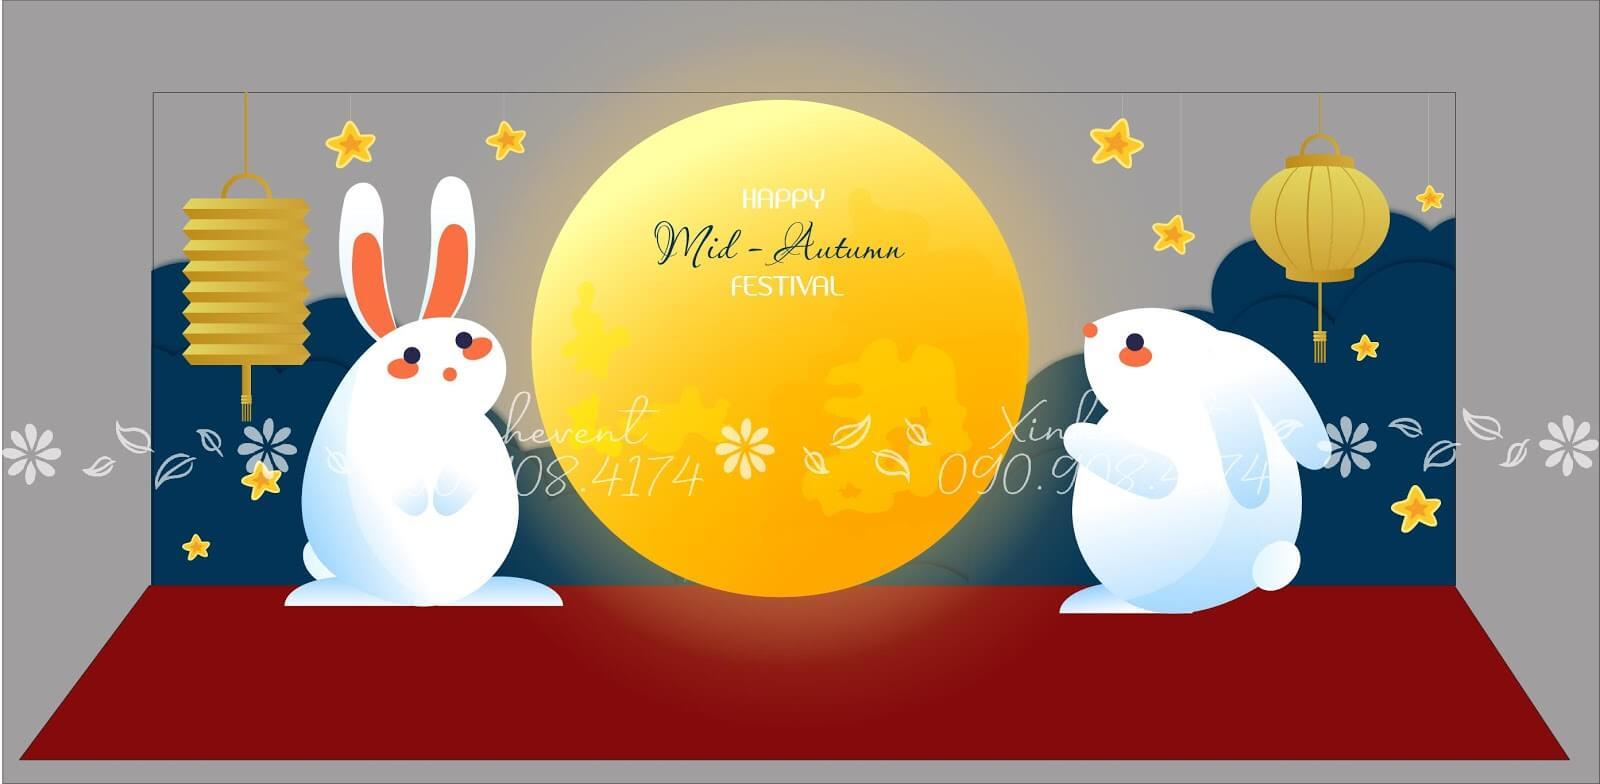 Dịch vụ tổ chức và trang trí trung thu tại Xinh Event